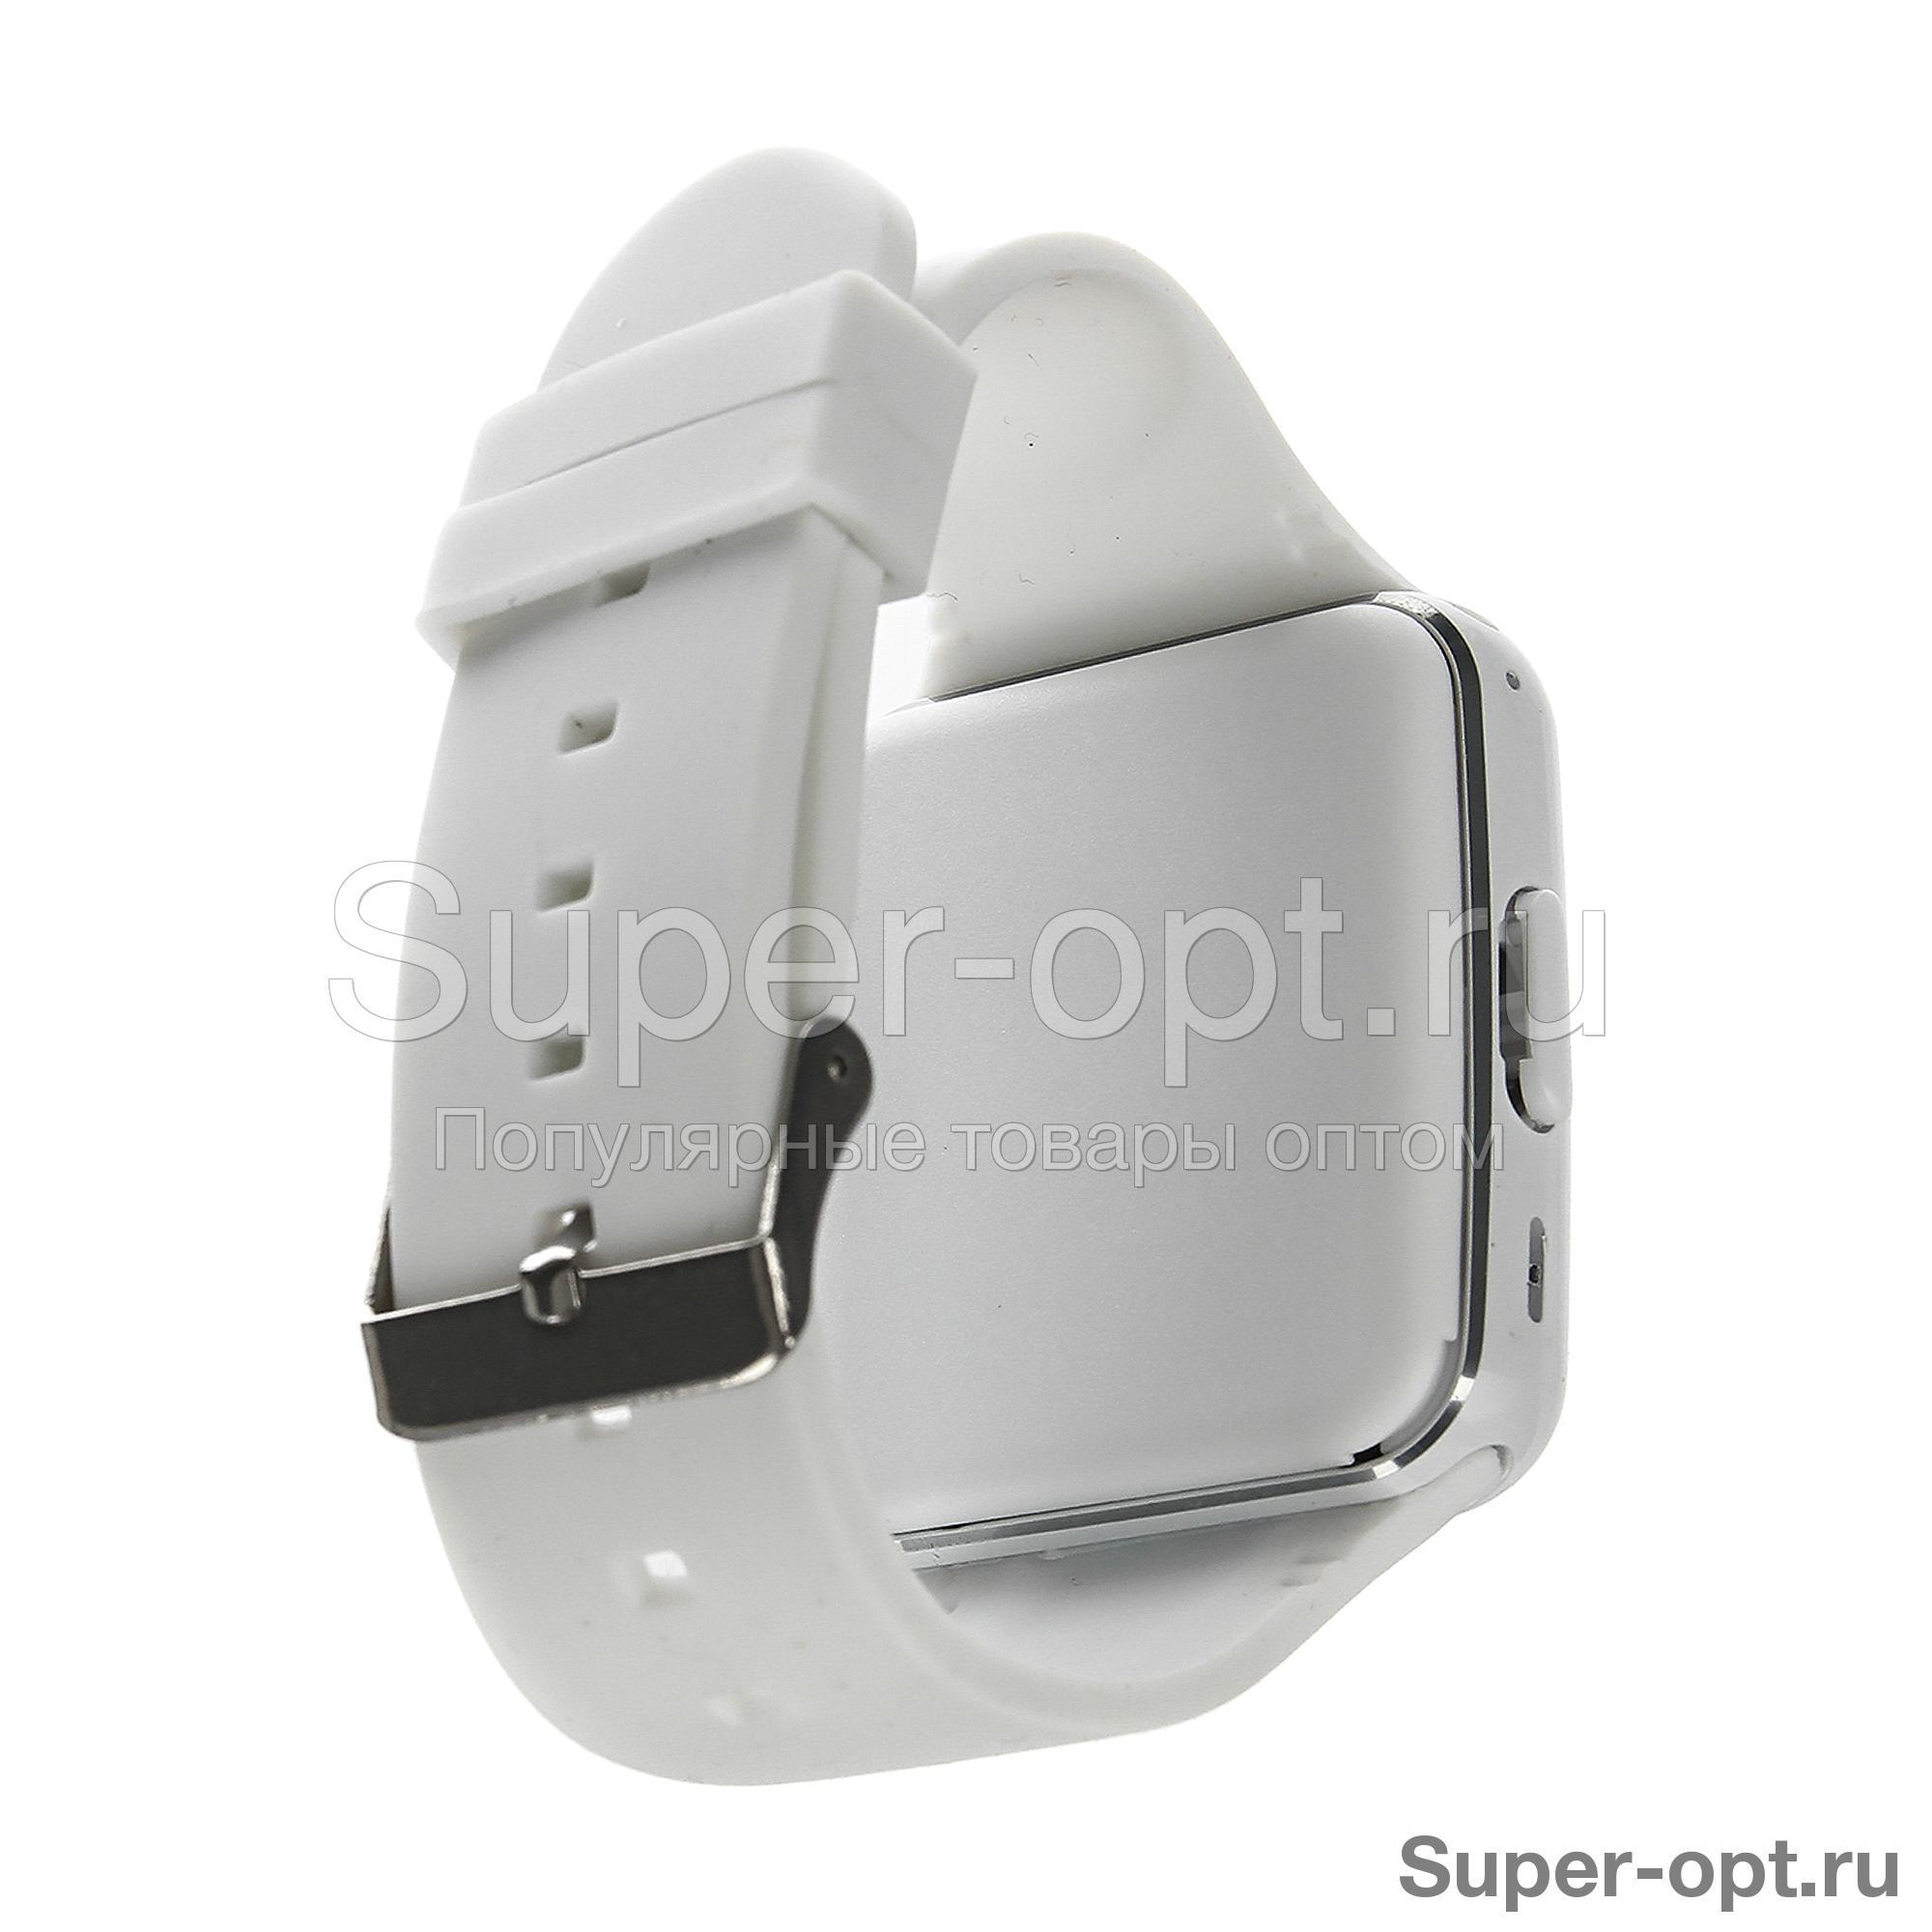 Умные часы Smart Watch X6оптом